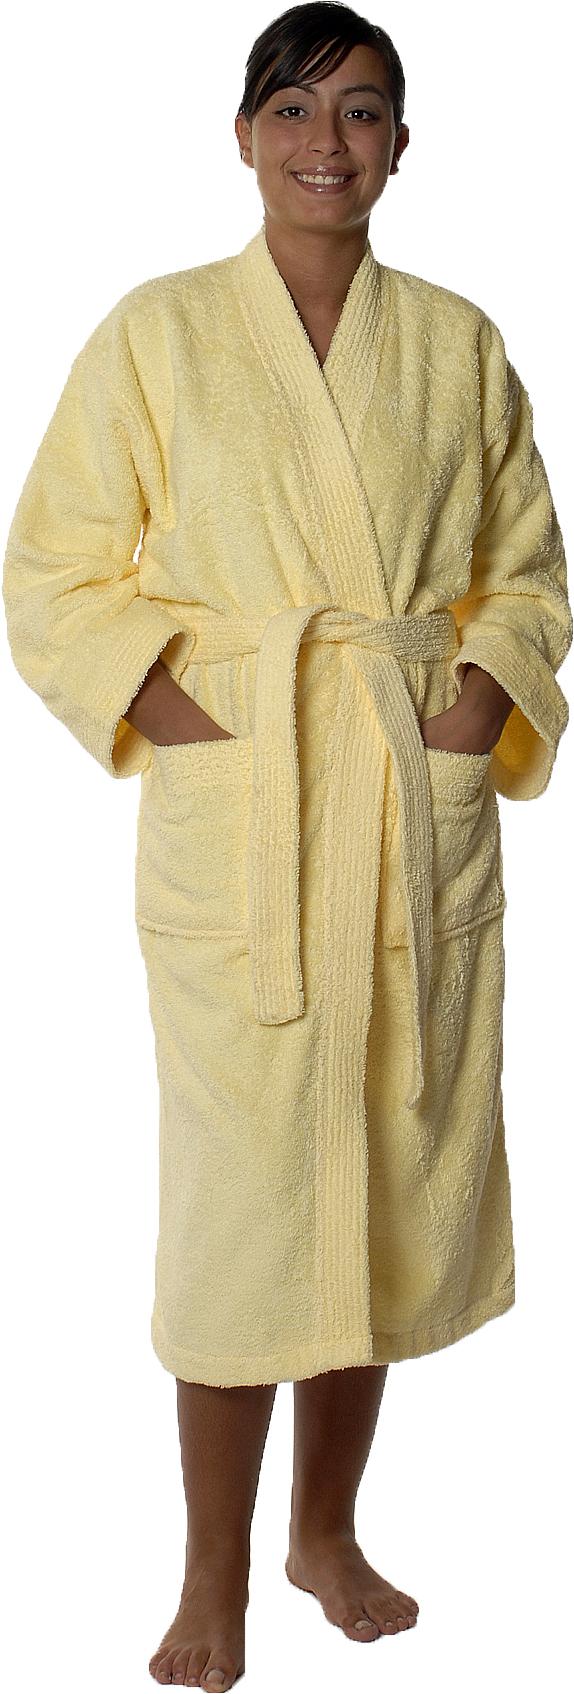 Peignoir col kimono en Coton couleur Jaune Taille M (Jaune)